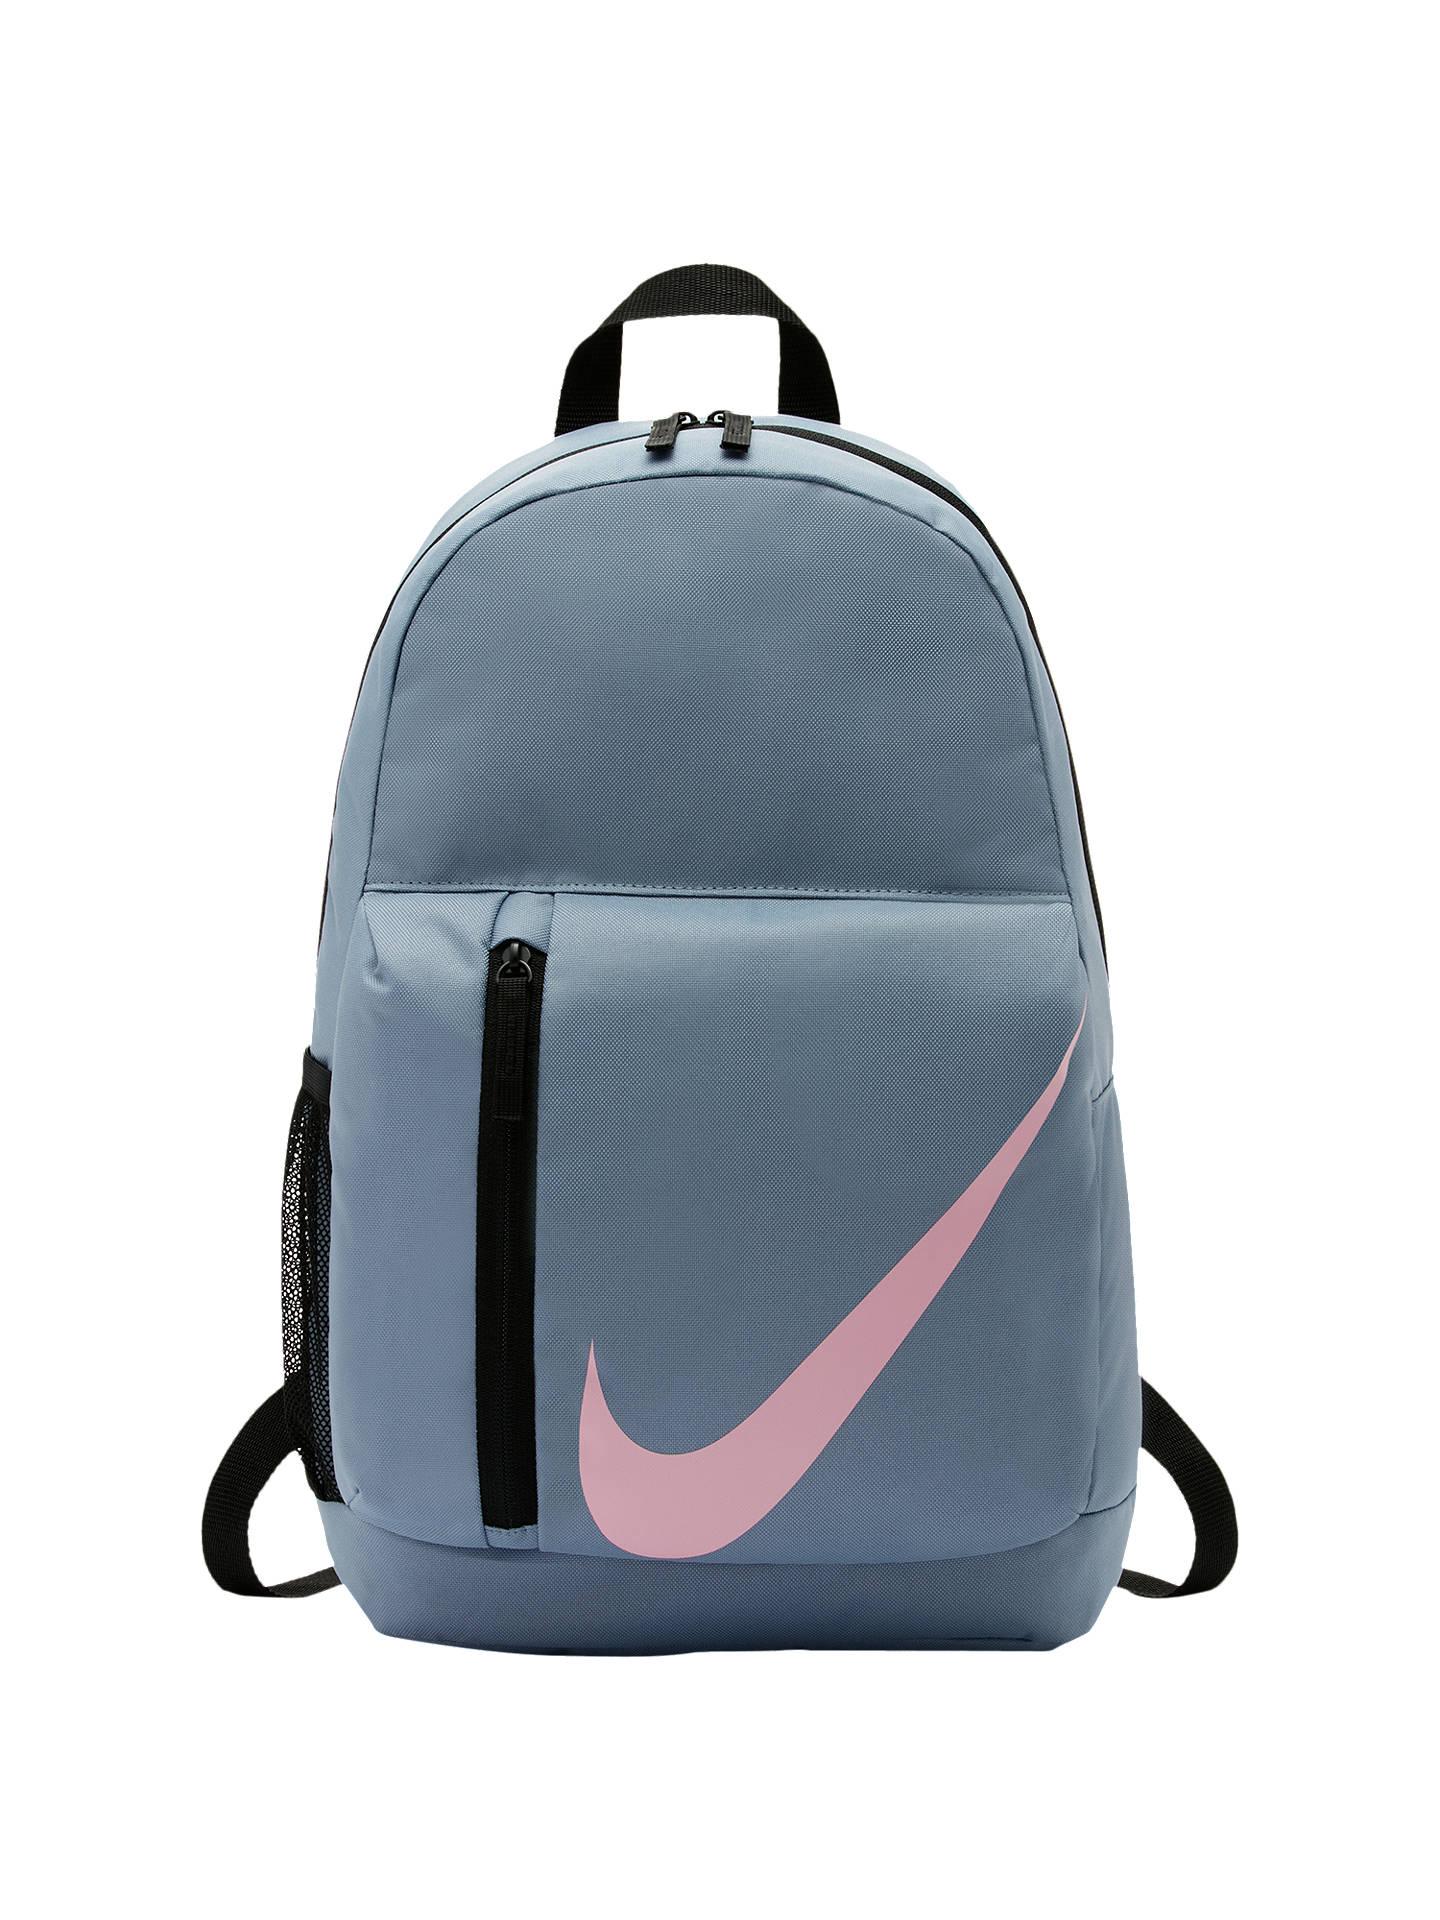 71dca925bb Buy Nike Children s Elemental Backpack